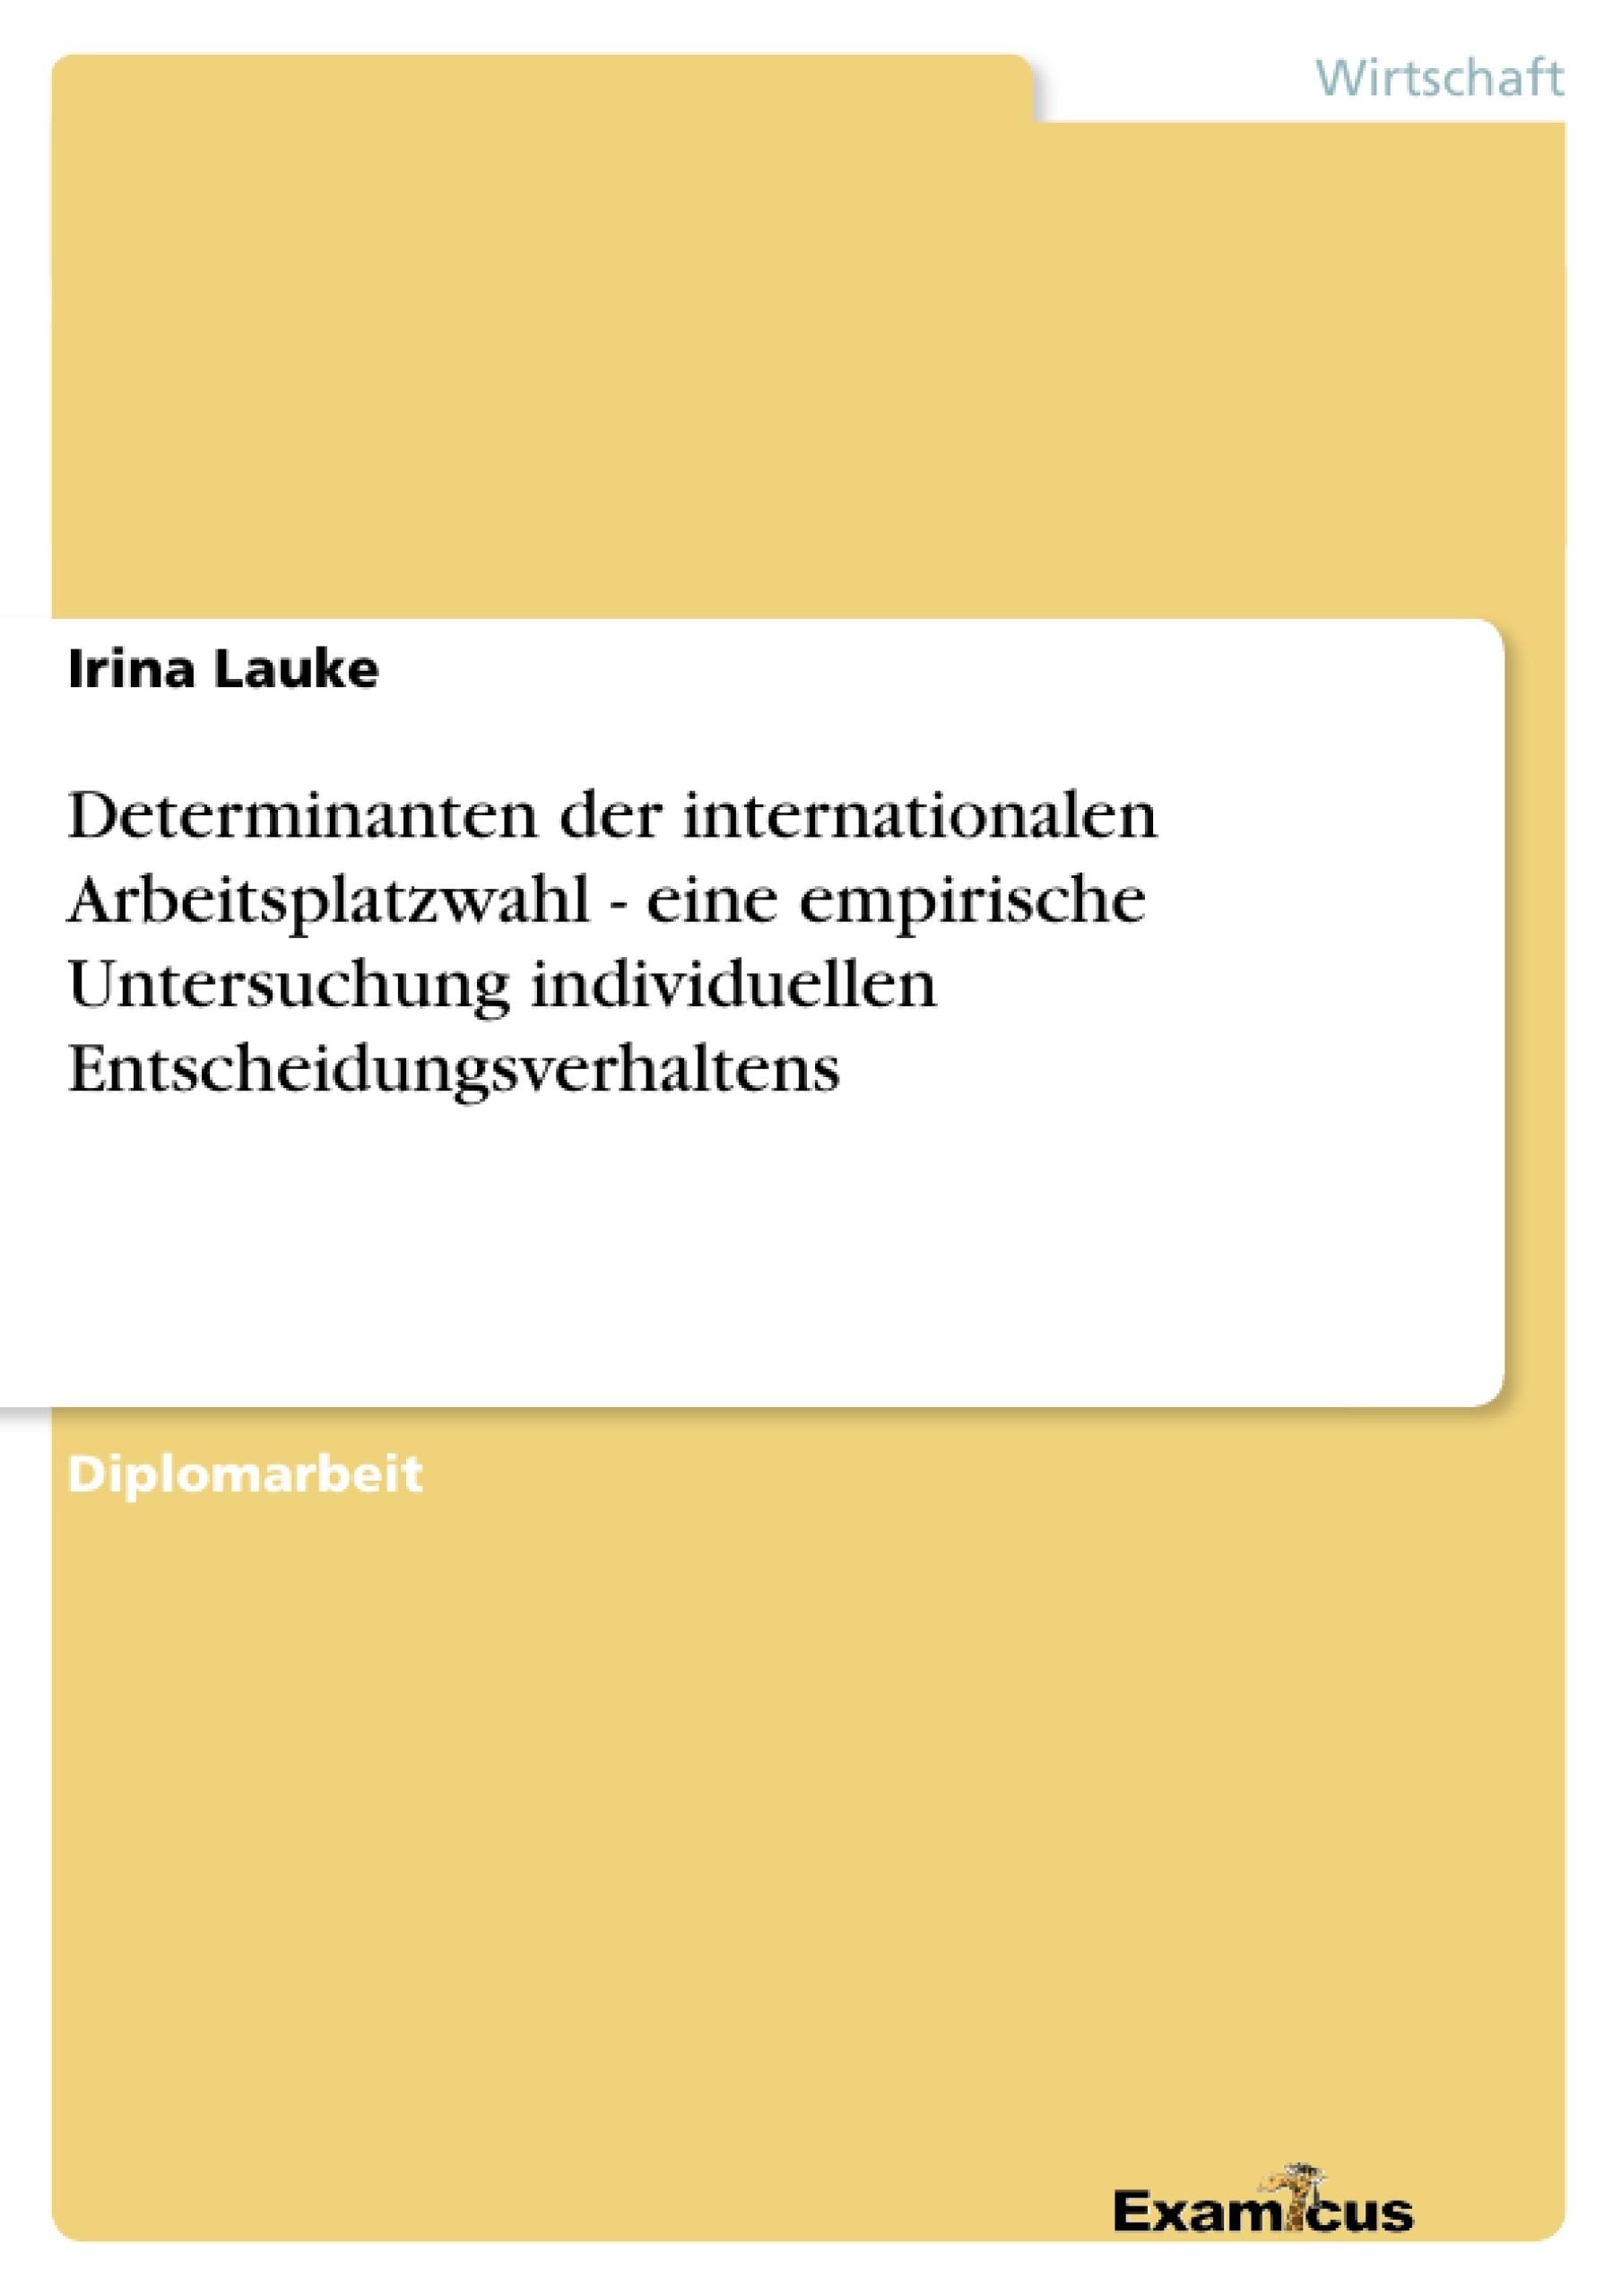 Titel: Determinanten der internationalen Arbeitsplatzwahl - eine empirische Untersuchung individuellen Entscheidungsverhaltens